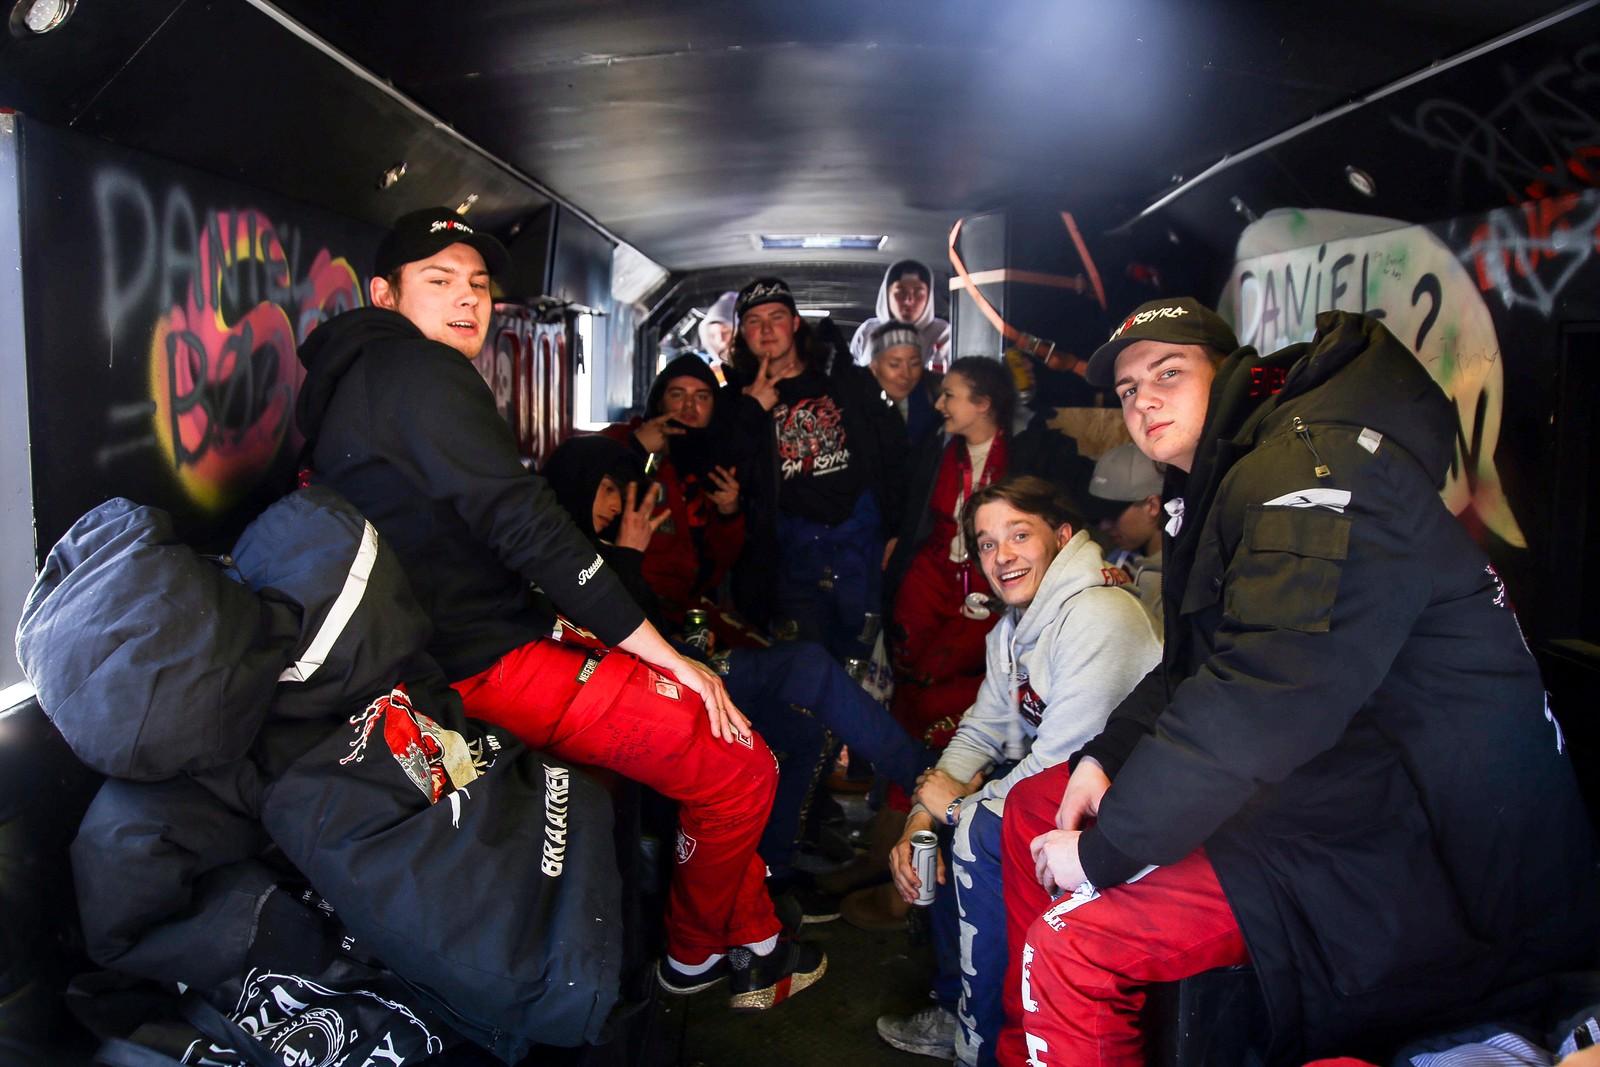 Inne i fleire av bussane er festen allereie i gang.